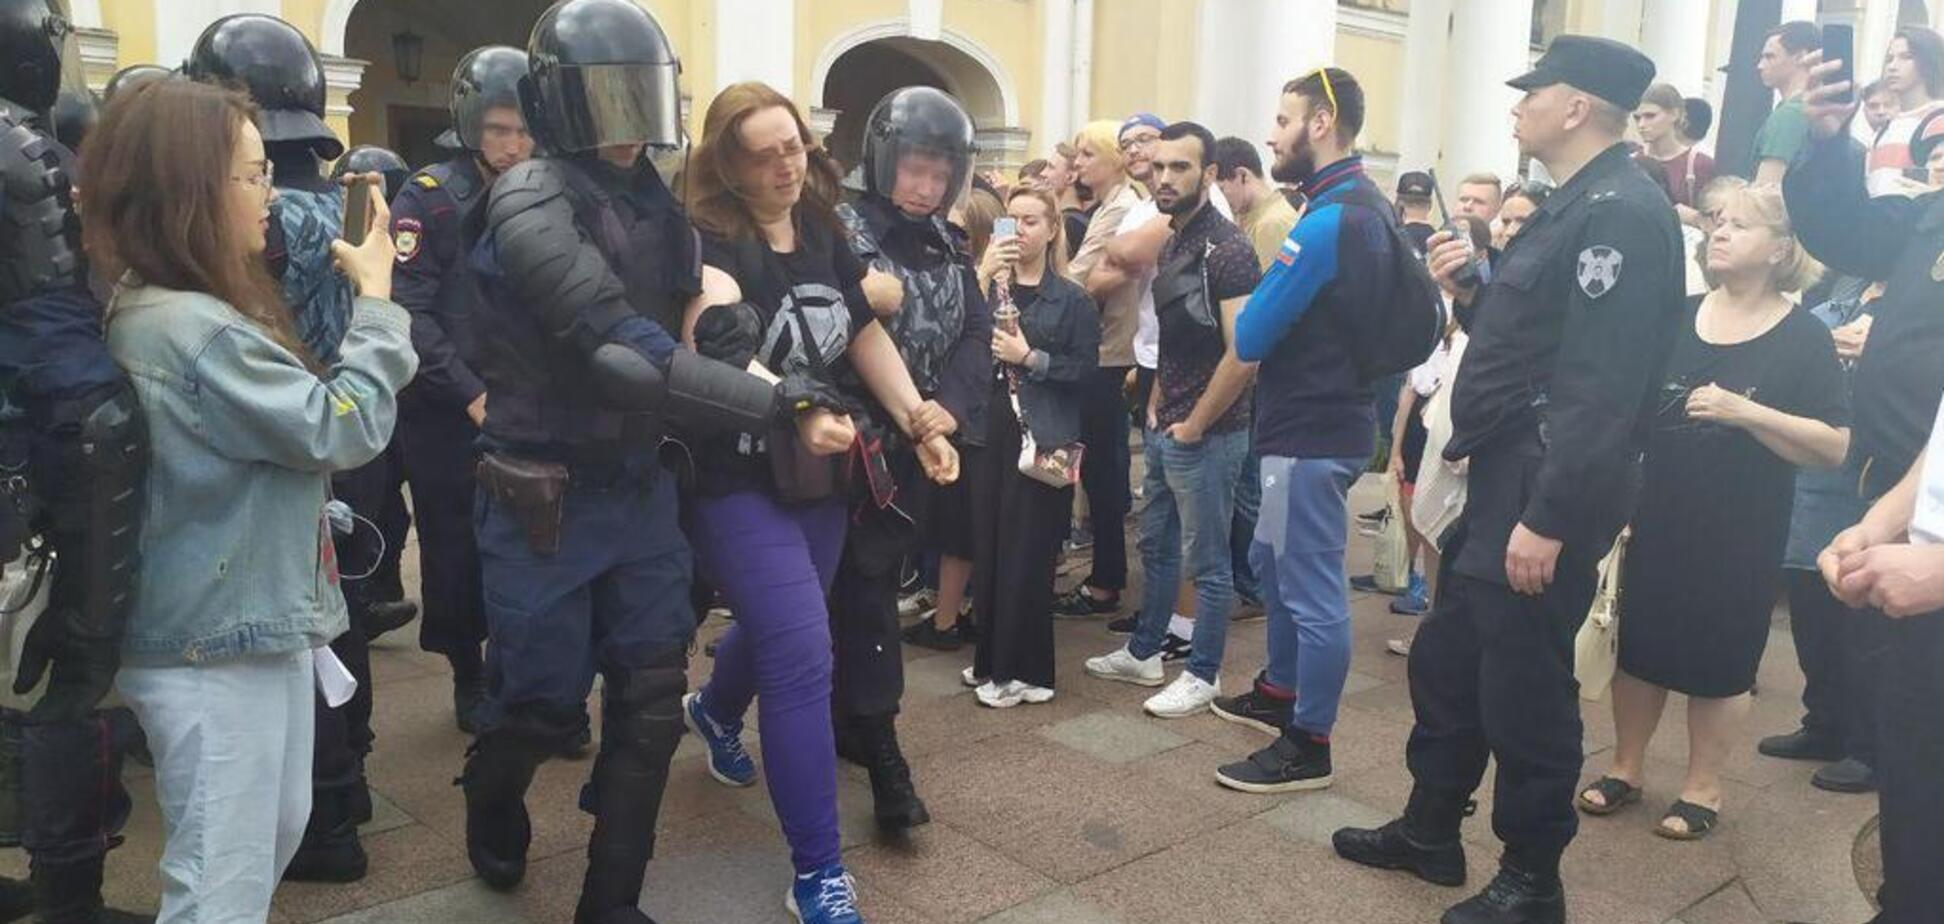 Під звуки дзвонів: силовики затримали понад 140 осіб на мітингу в Москві